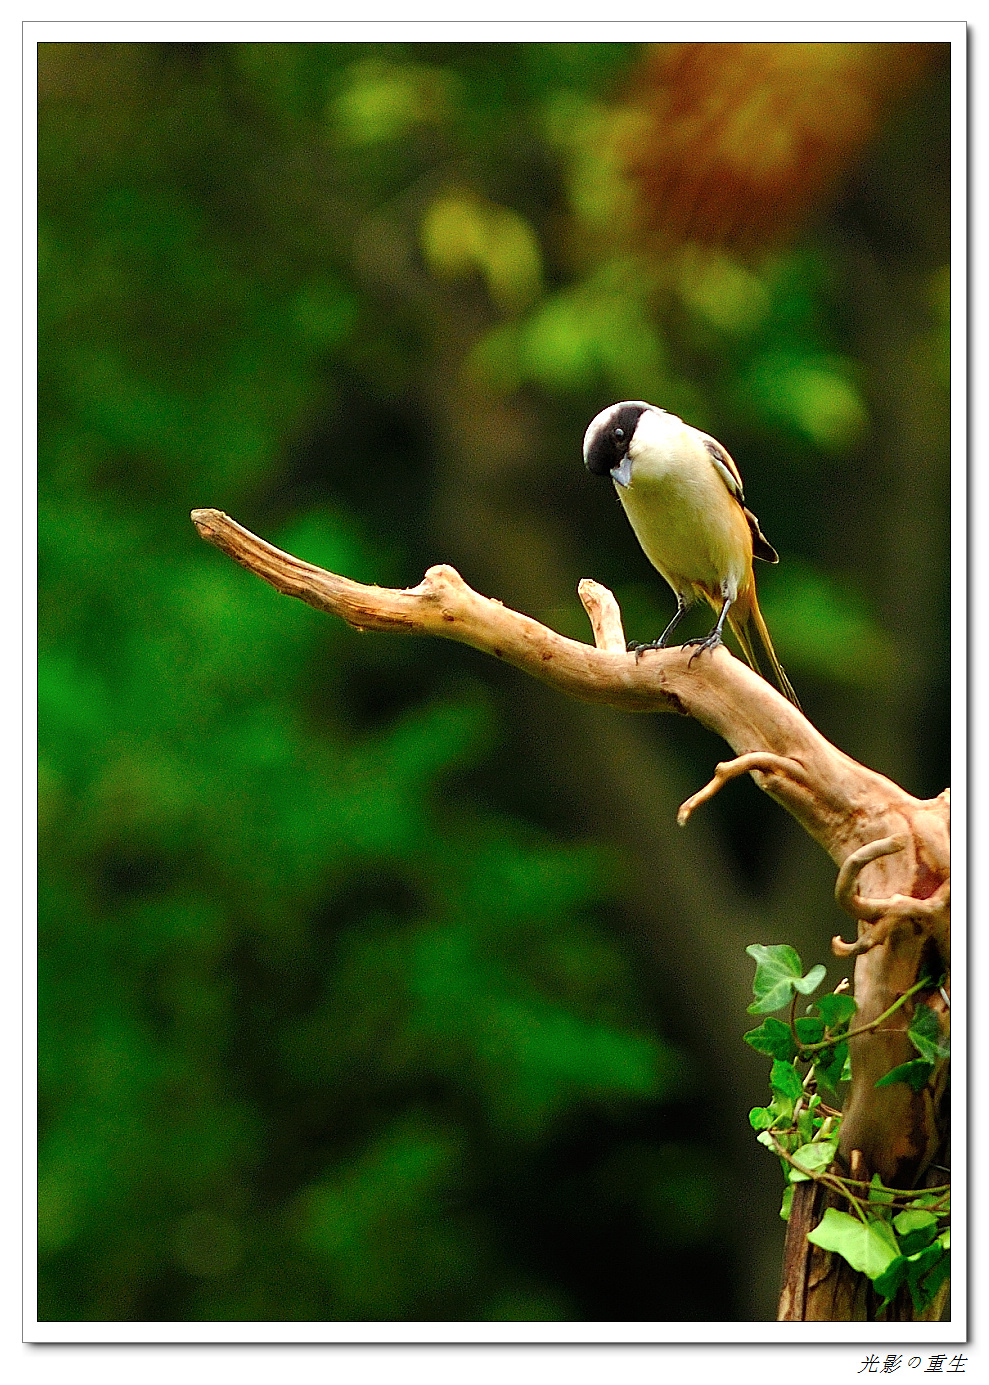 壁纸 动物 鸟 鸟类 雀 989_1385 竖版 竖屏 手机